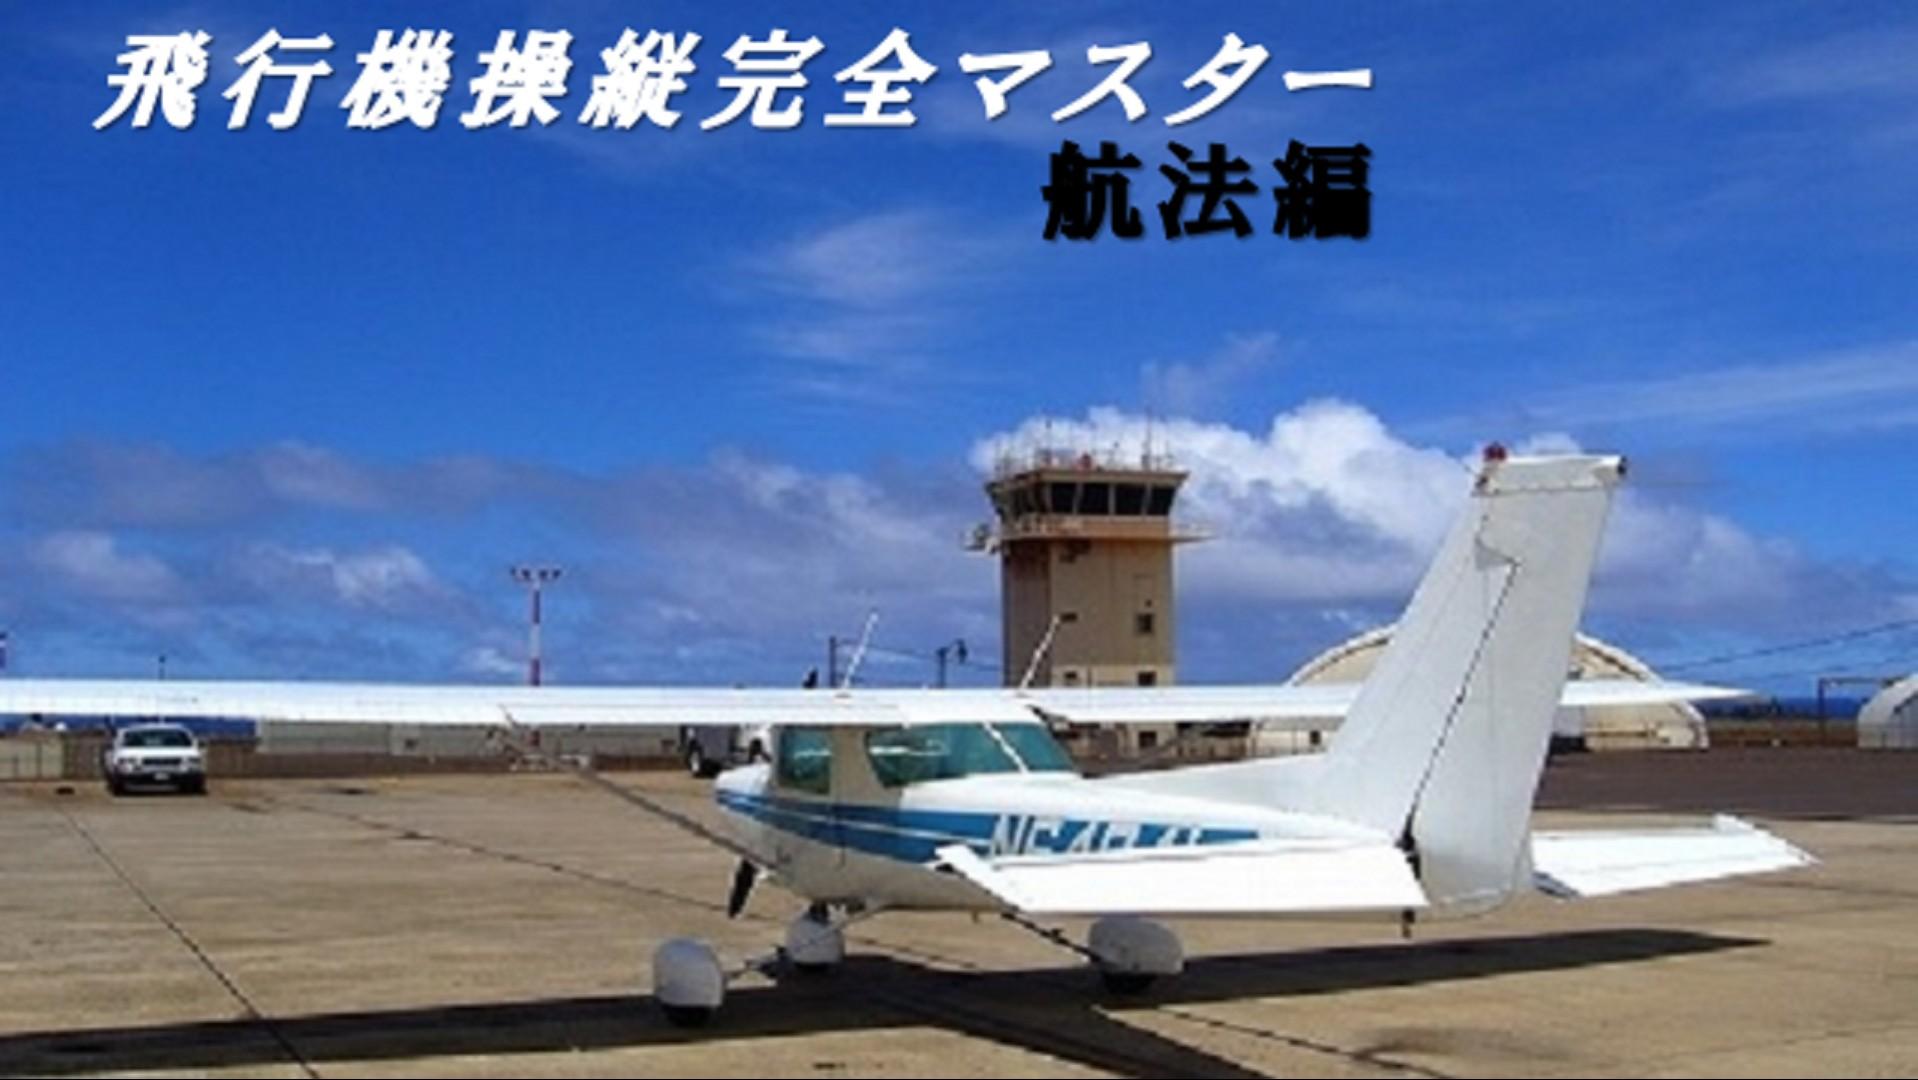 飛行機操縦完全マスターシリーズ Vol.4[航法]